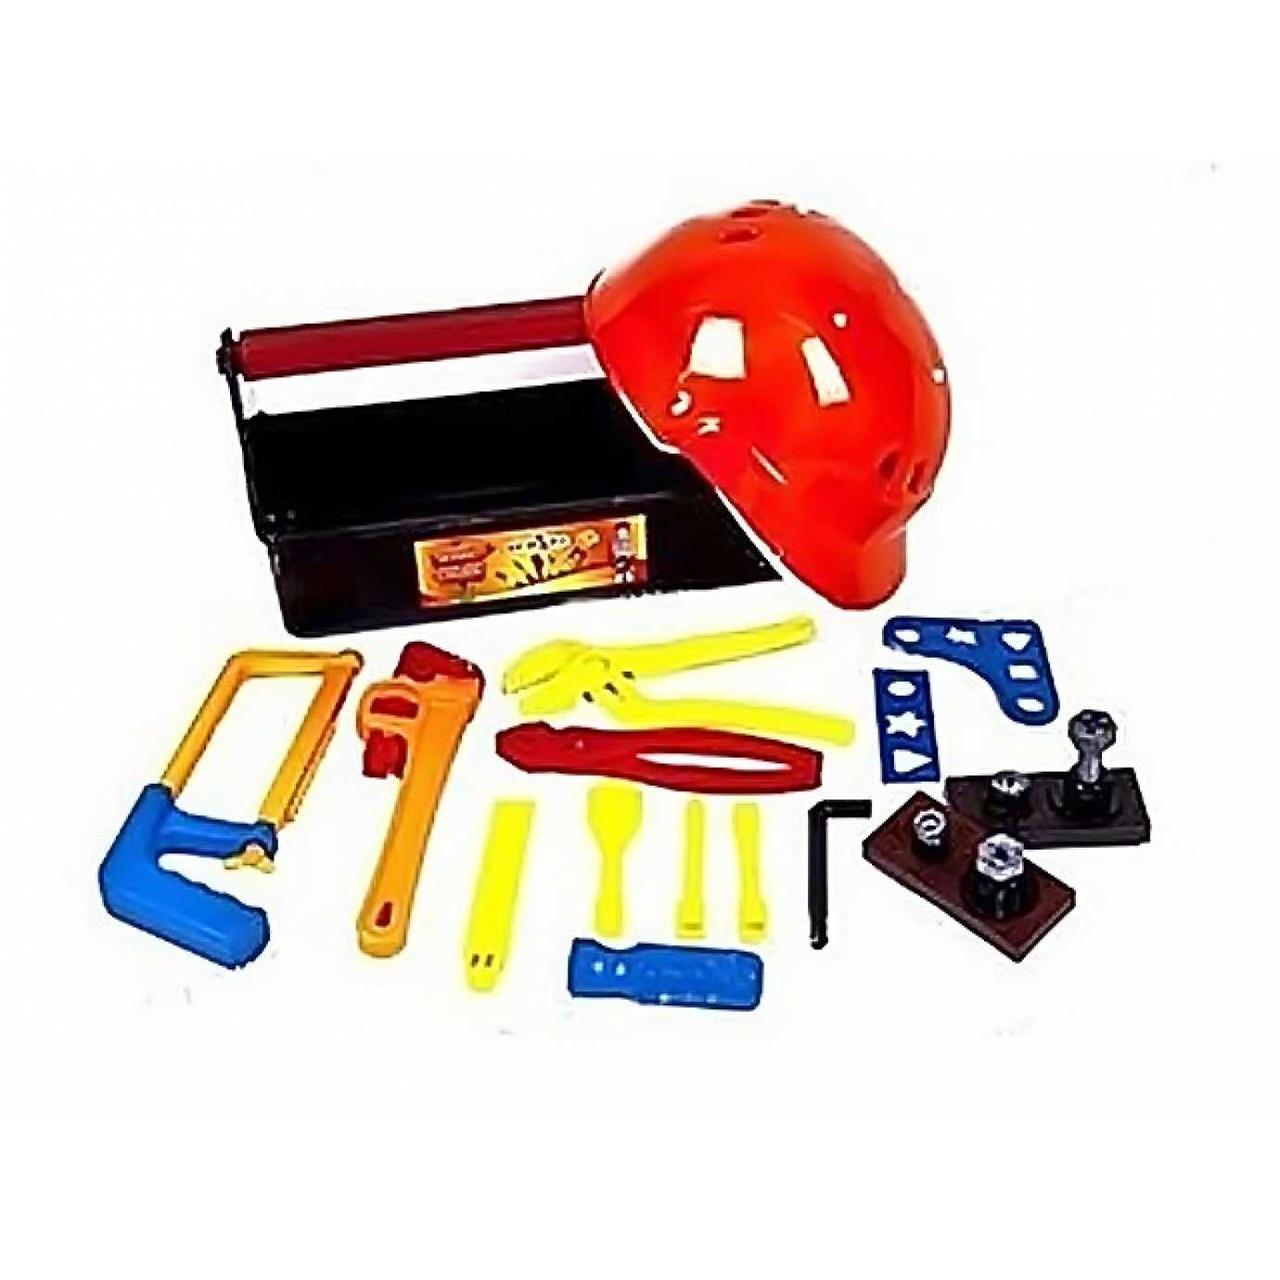 """Набір інструментів """"Юний слюсар"""" Kinder Way 31-005 23 предмети, каска в валізі"""